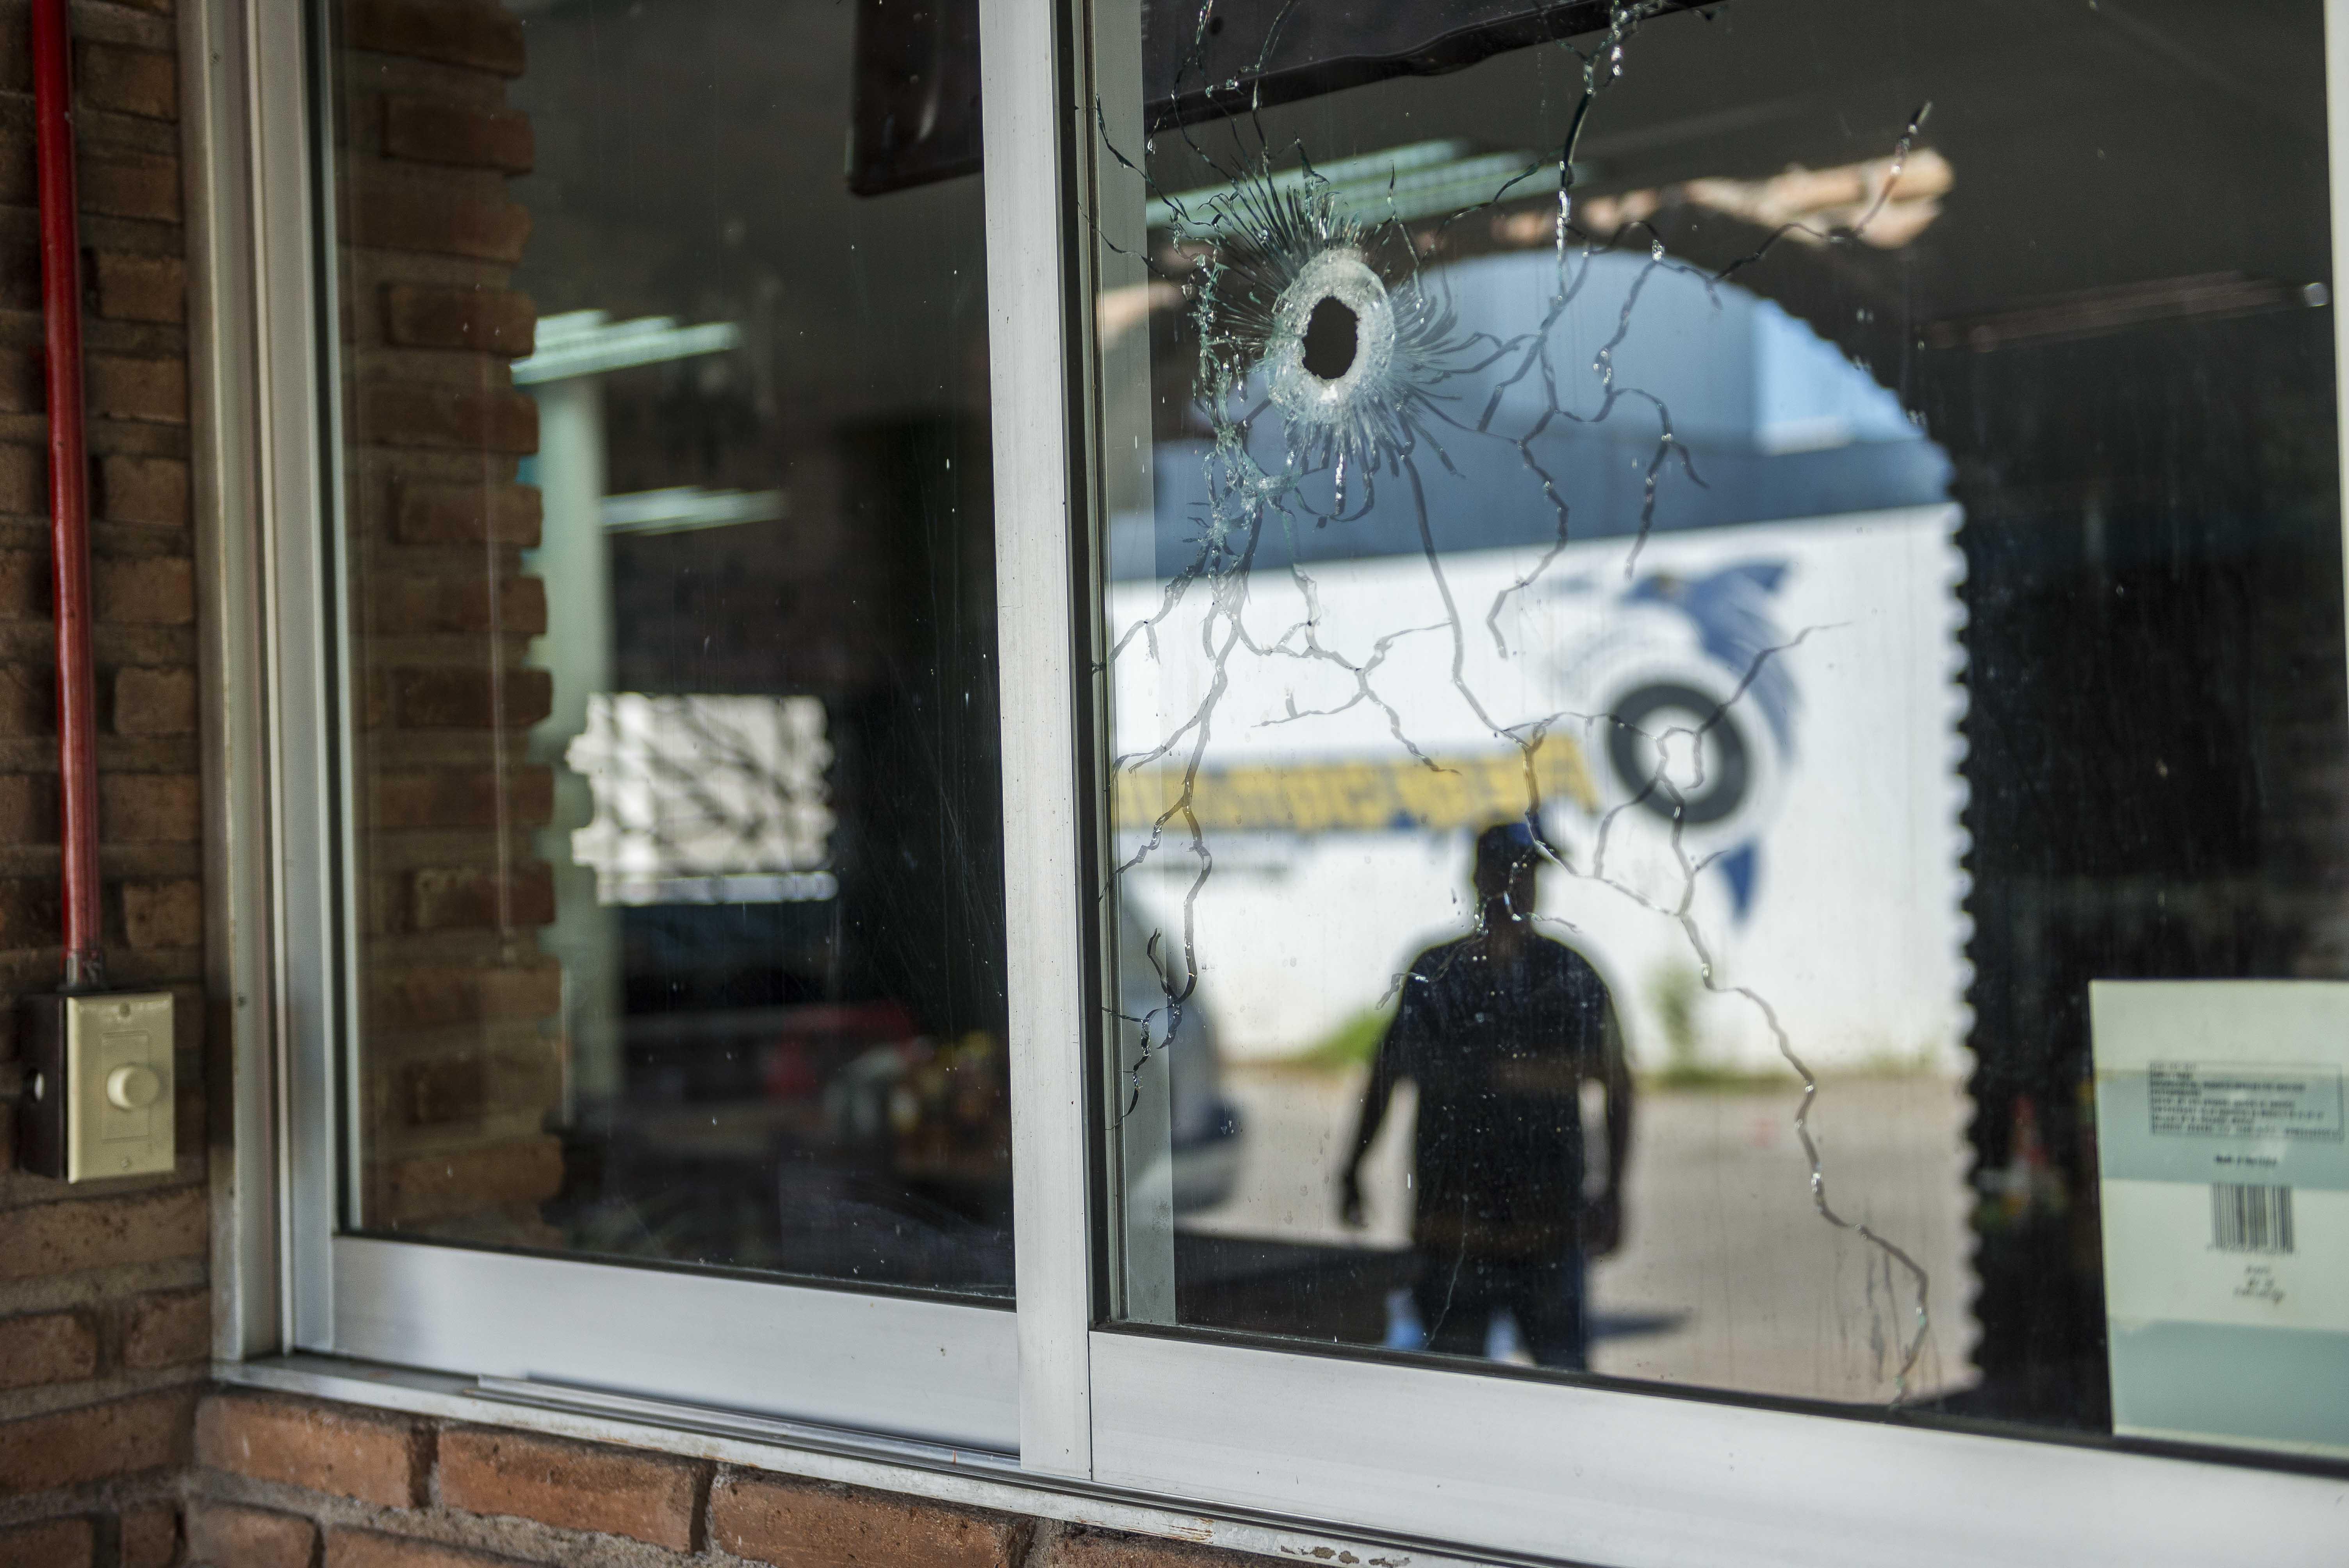 Mexicos Culiacan tries to regroup after fierce gunbattles